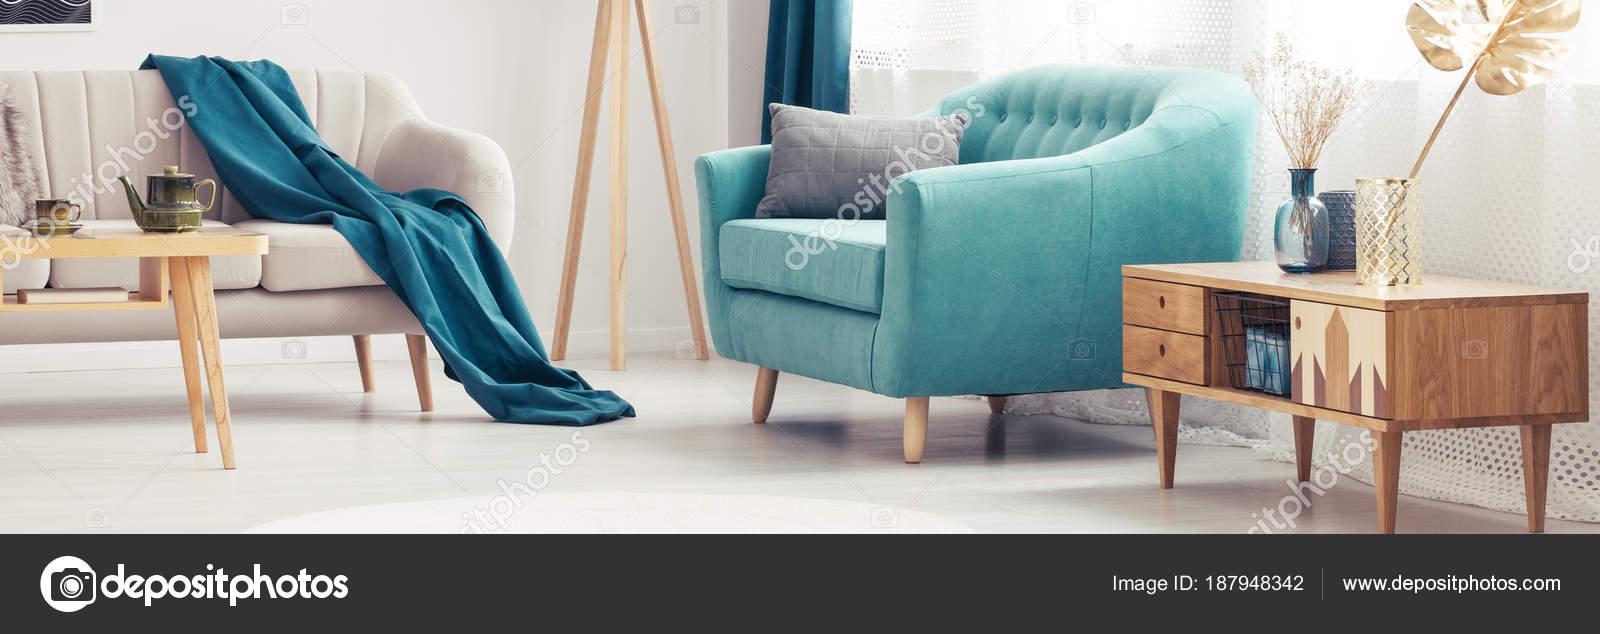 Turchese Poltrona in soggiorno — Foto Stock © photographee.eu #187948342